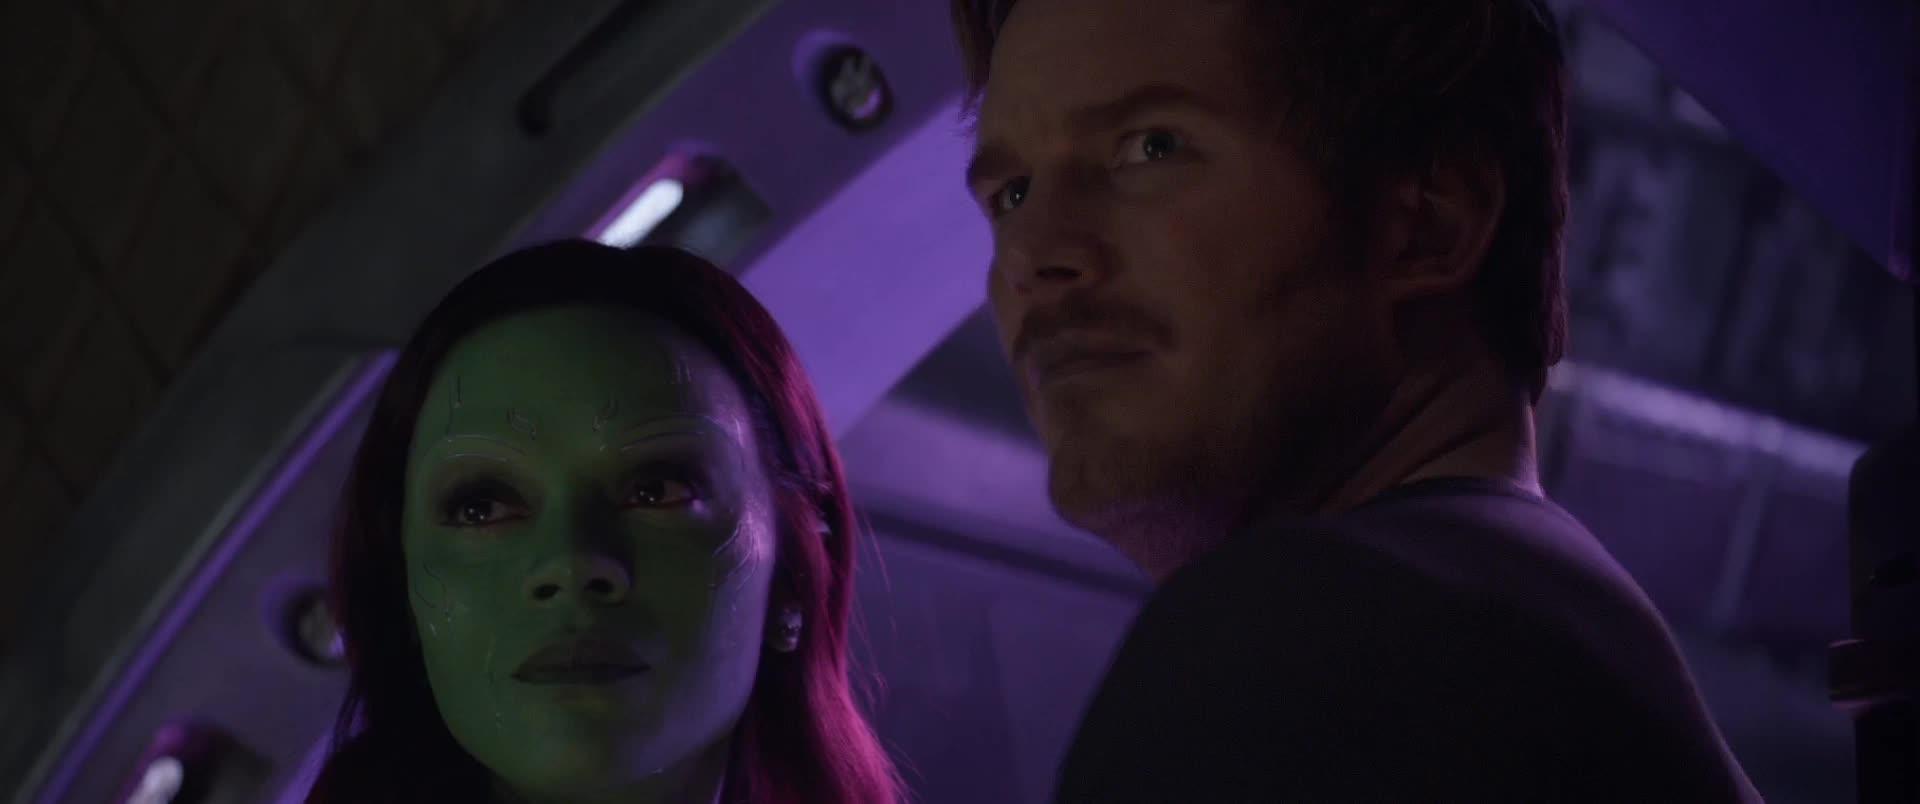 celebs, hmm, no, zoe saldana, Avengers Infinity War - Hmm no - Final GIFs